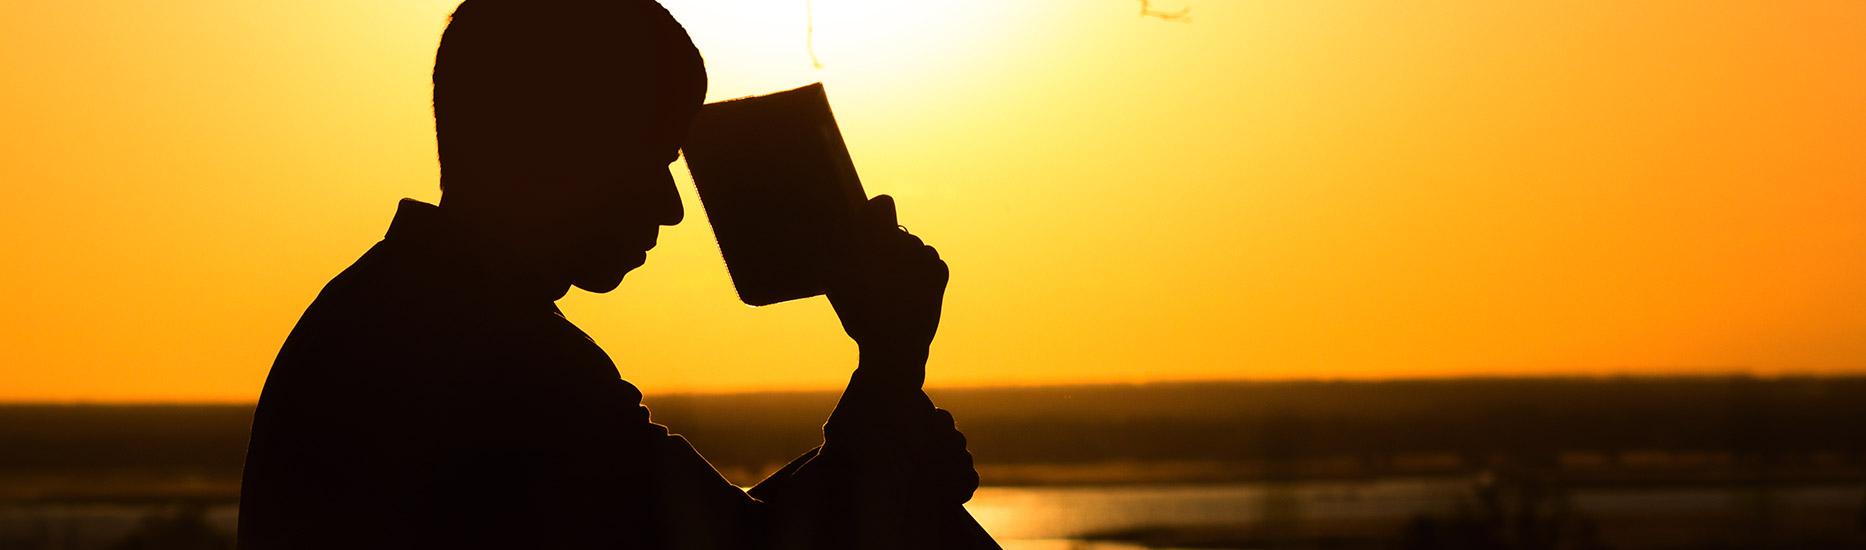 Der christliche Glaube auf dem Prüfstand!